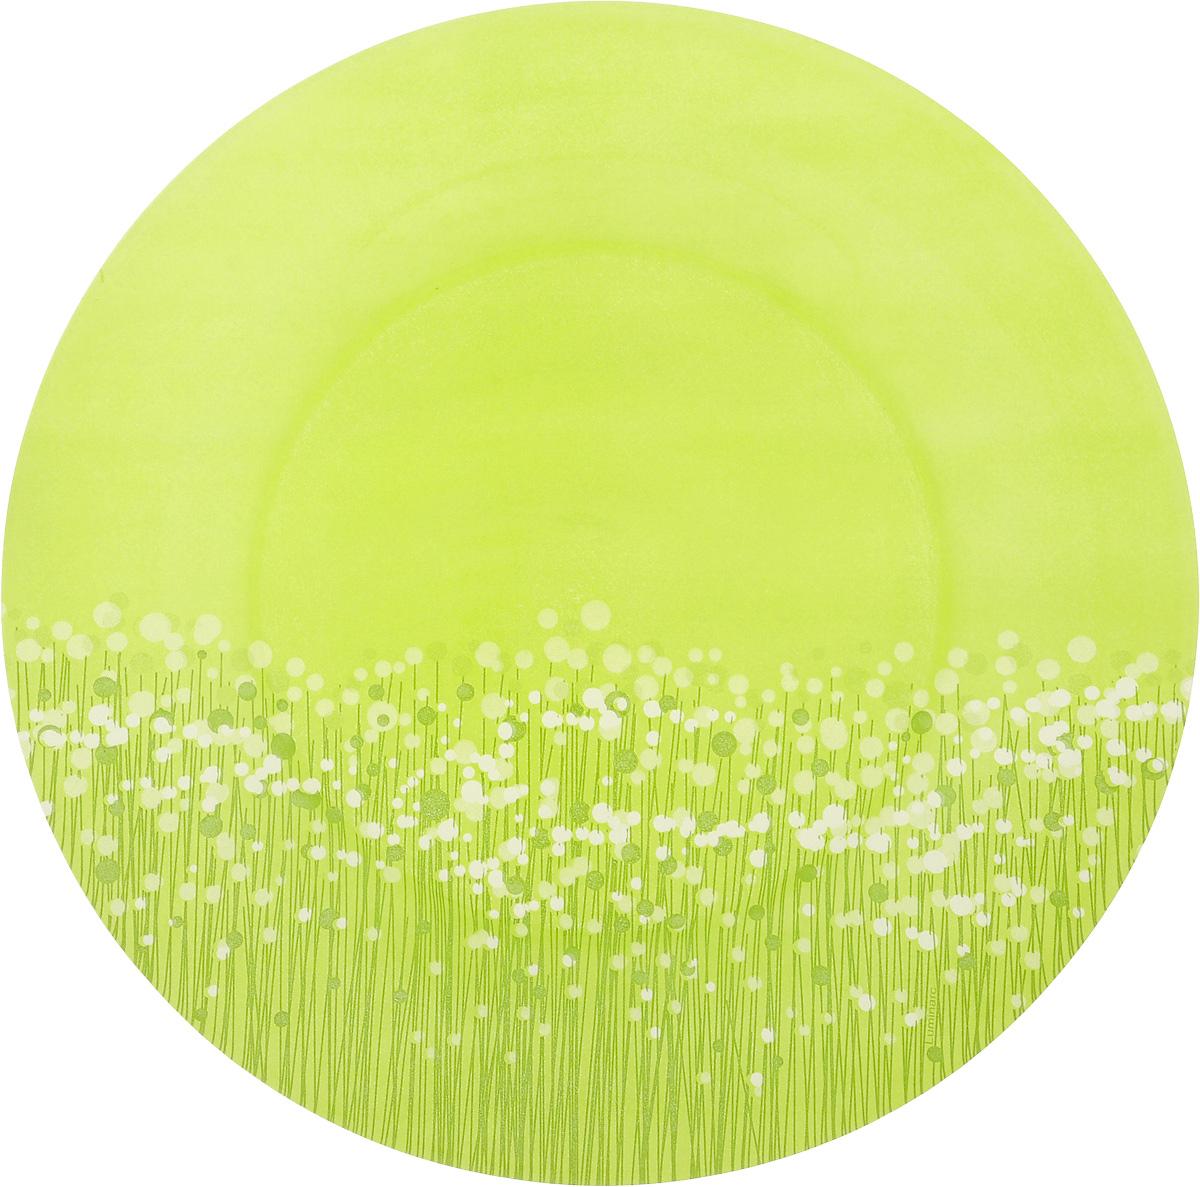 Тарелка обеденная Luminarc FlowerFields Anis, цвет: светло-зеленый, диаметр 25 смH2491_светло-зеленыйОбеденная тарелка Luminarc FlowerFields Anis, изготовленная из ударопрочного стекла, имеет изысканный внешний вид. Она идеально подойдет для сервировки вторых блюд из птицы, рыбы, мяса или овощей. Обеденная тарелка Luminarc FlowerFields Anis станет отличным подарком к любому празднику. Диаметр тарелки (по верхнему краю): 25 см. Высота тарелки: 2,5 см.